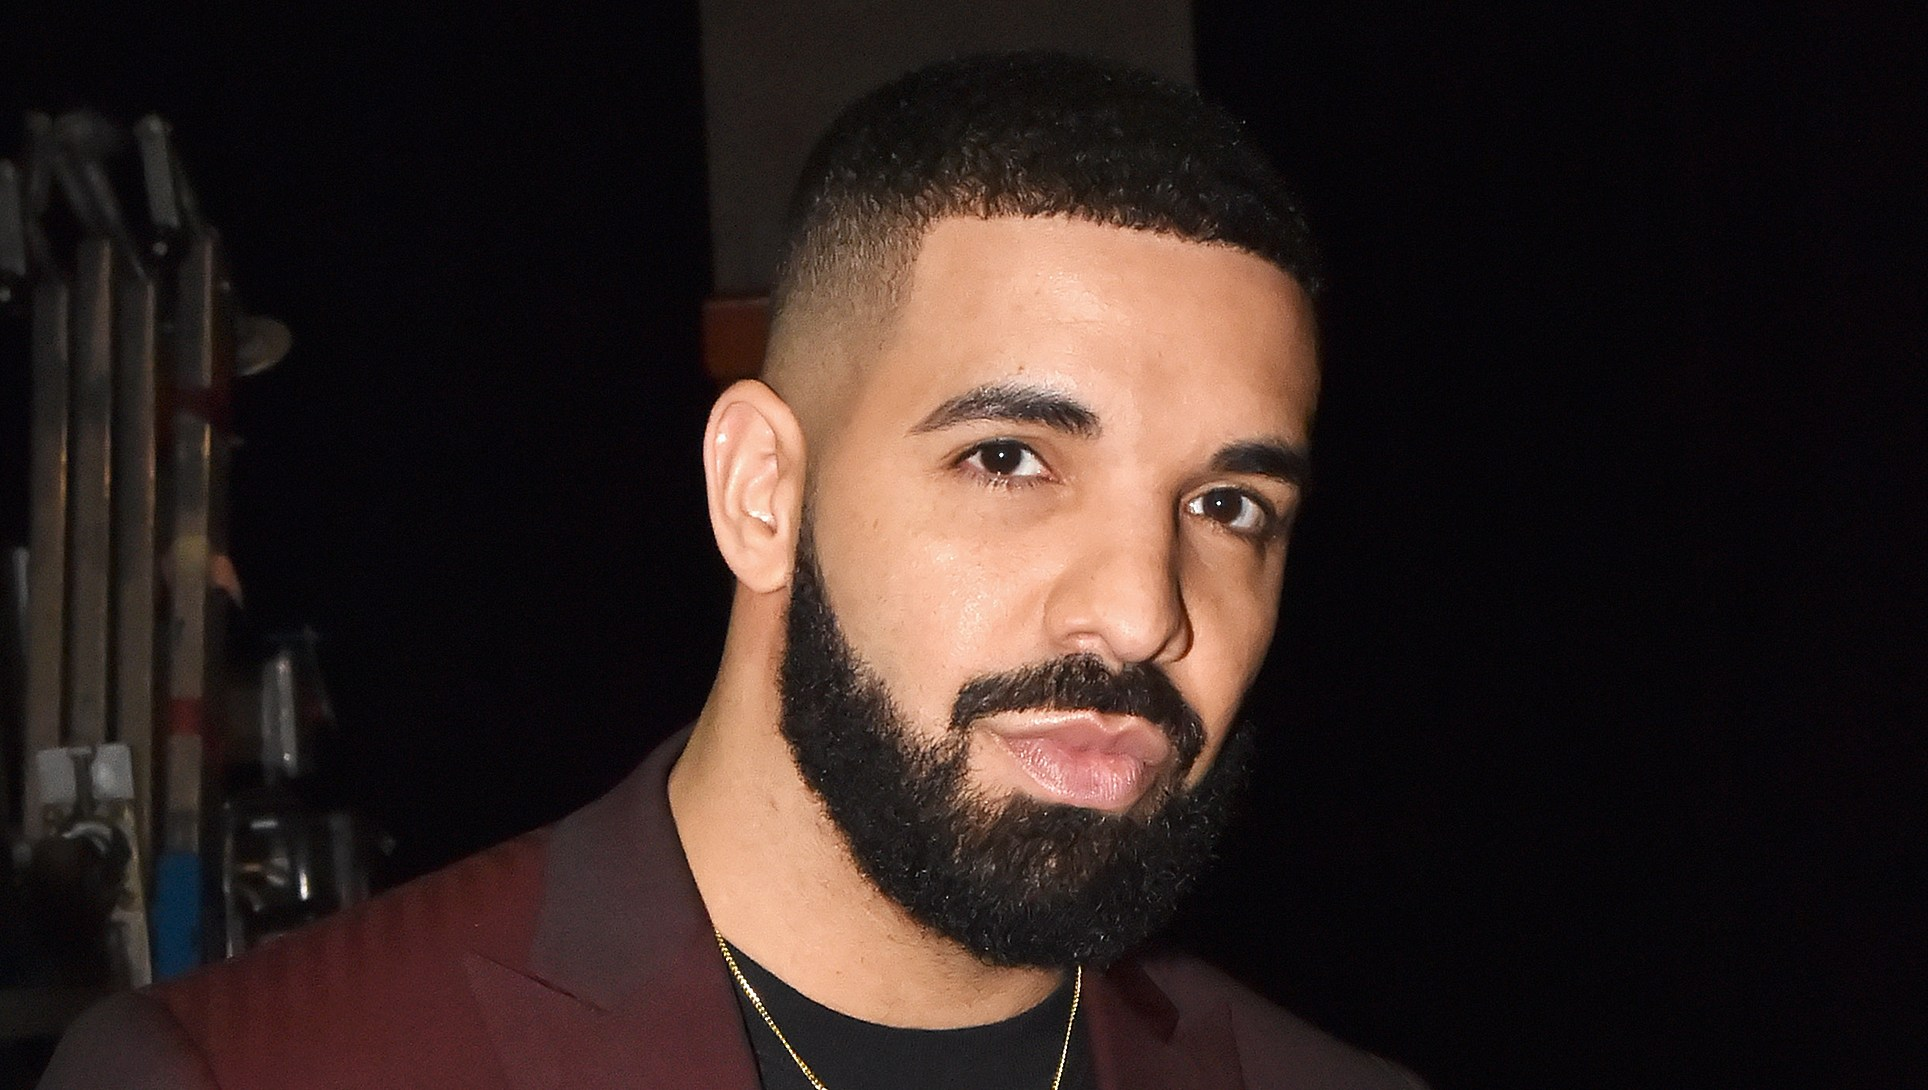 Drake Jokingly Hits Back at Plastic Surgery Rumors After Sharing a Shirtless Photo